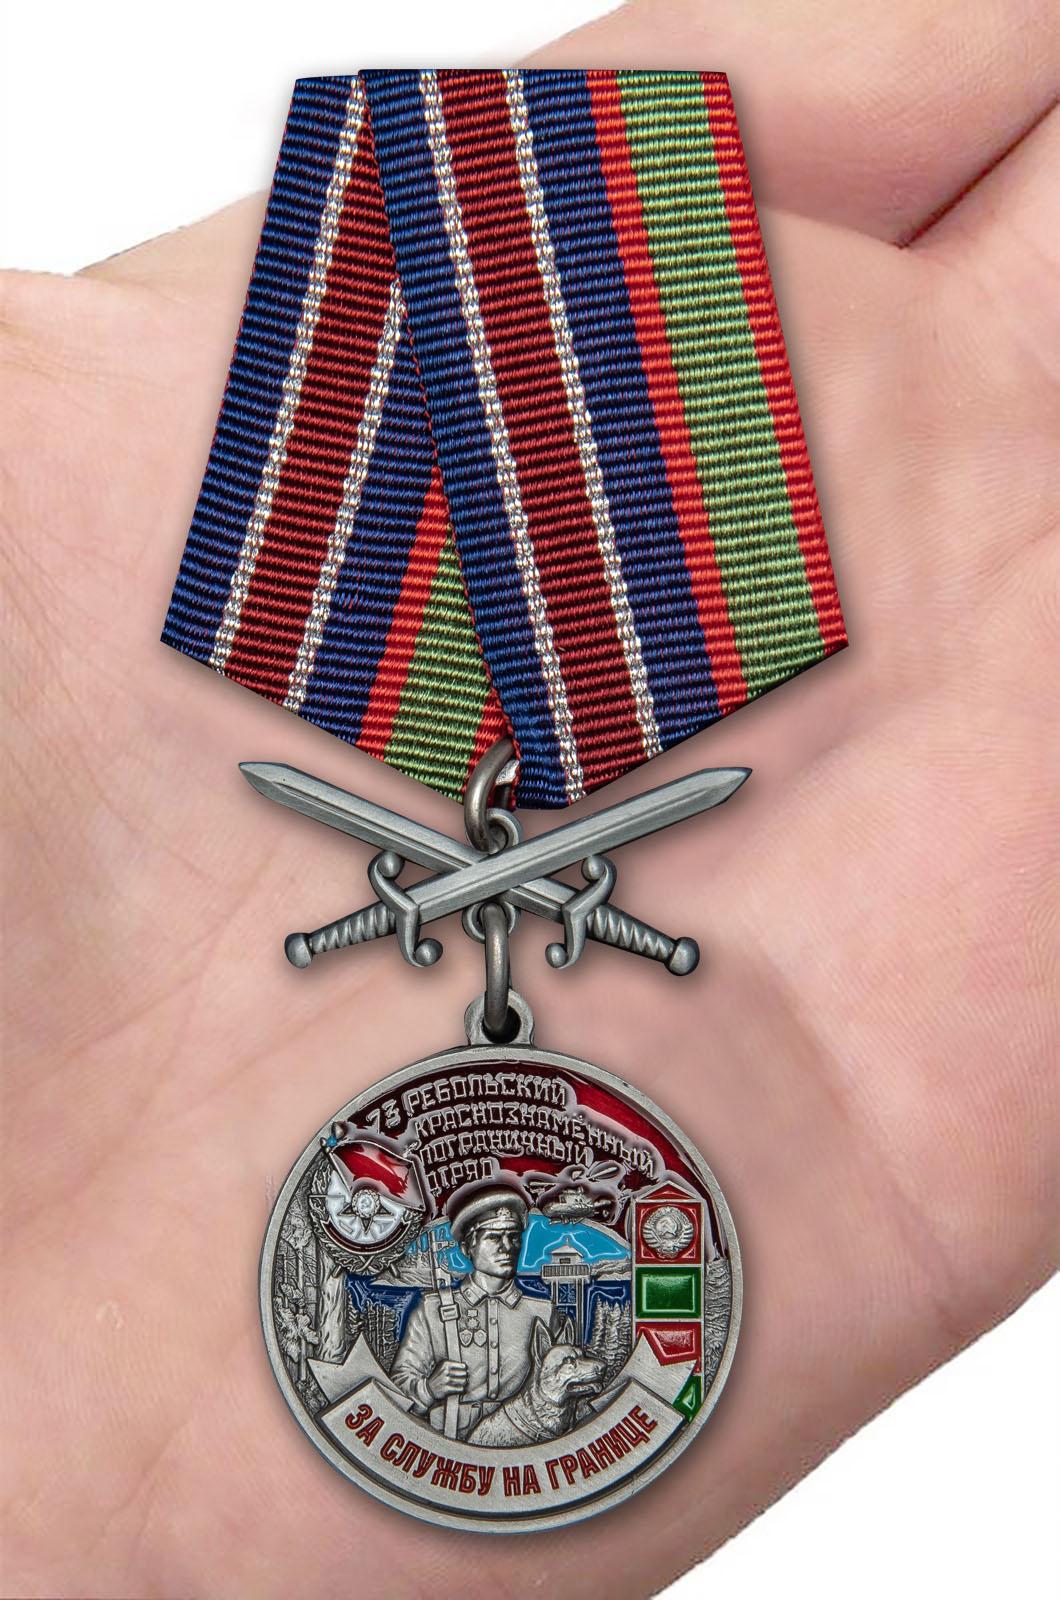 Нагрудная медаль За службу на границе (73 Ребольский ПогО) - вид на ладони